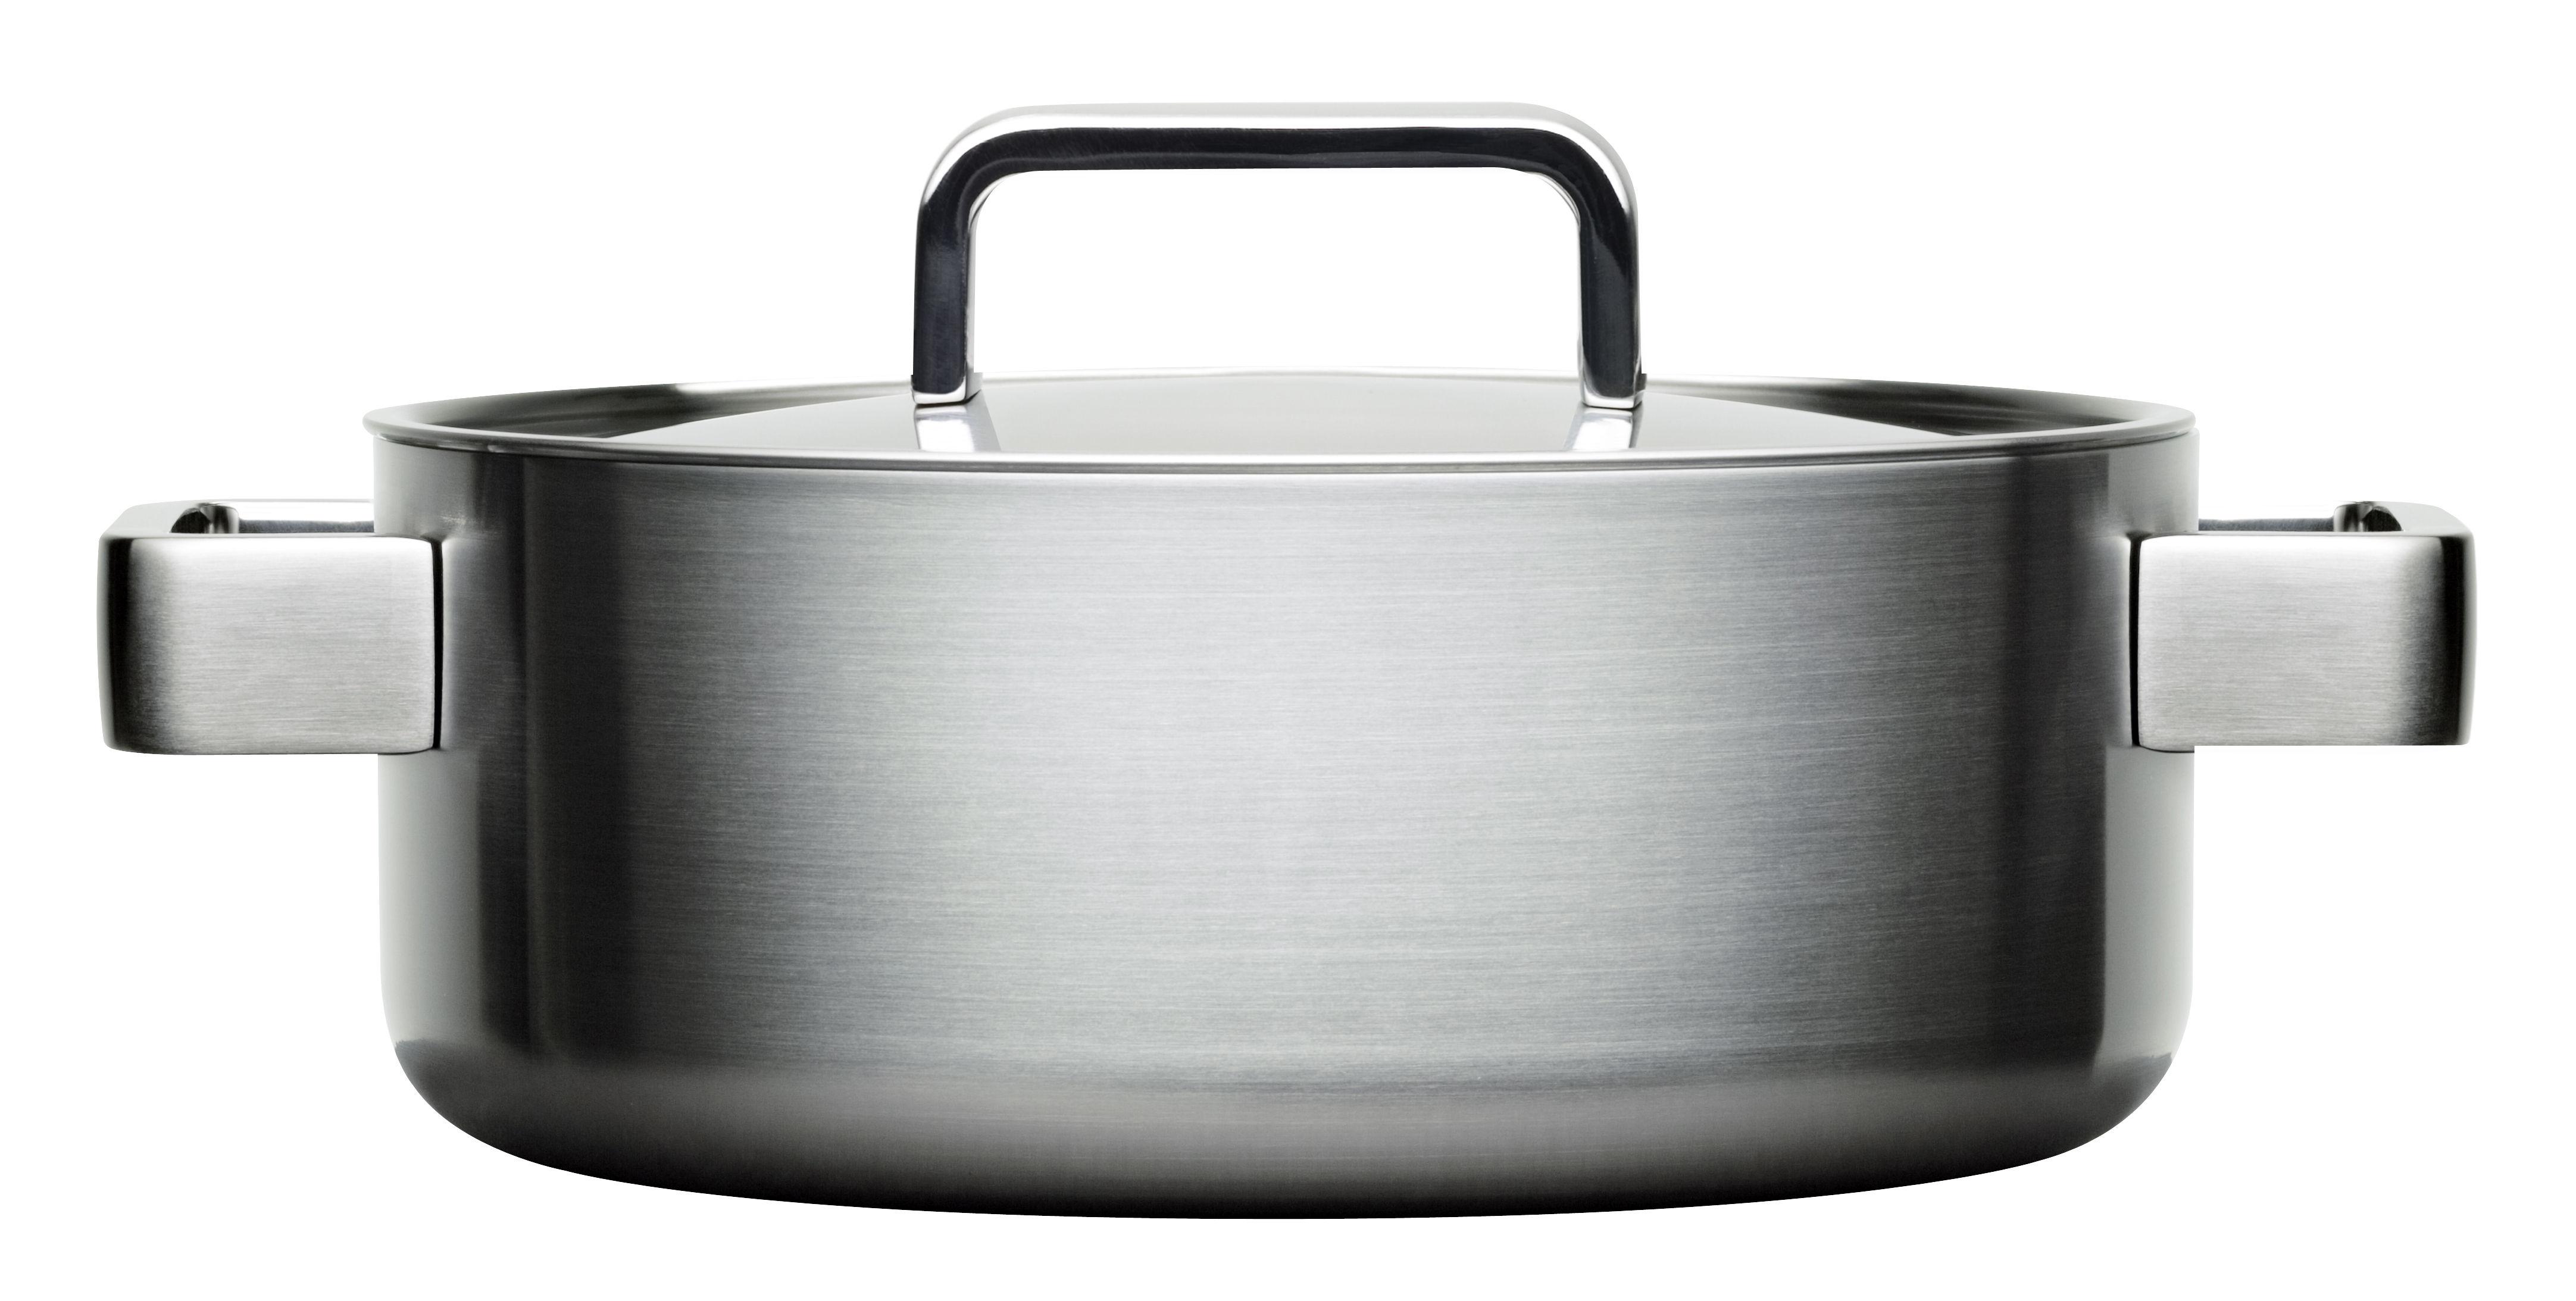 Cuisine - Casseroles, poêles, plats... - Faitout Tools / 3L - Avec couvercle - Iittala - Acier - Acier inoxydable